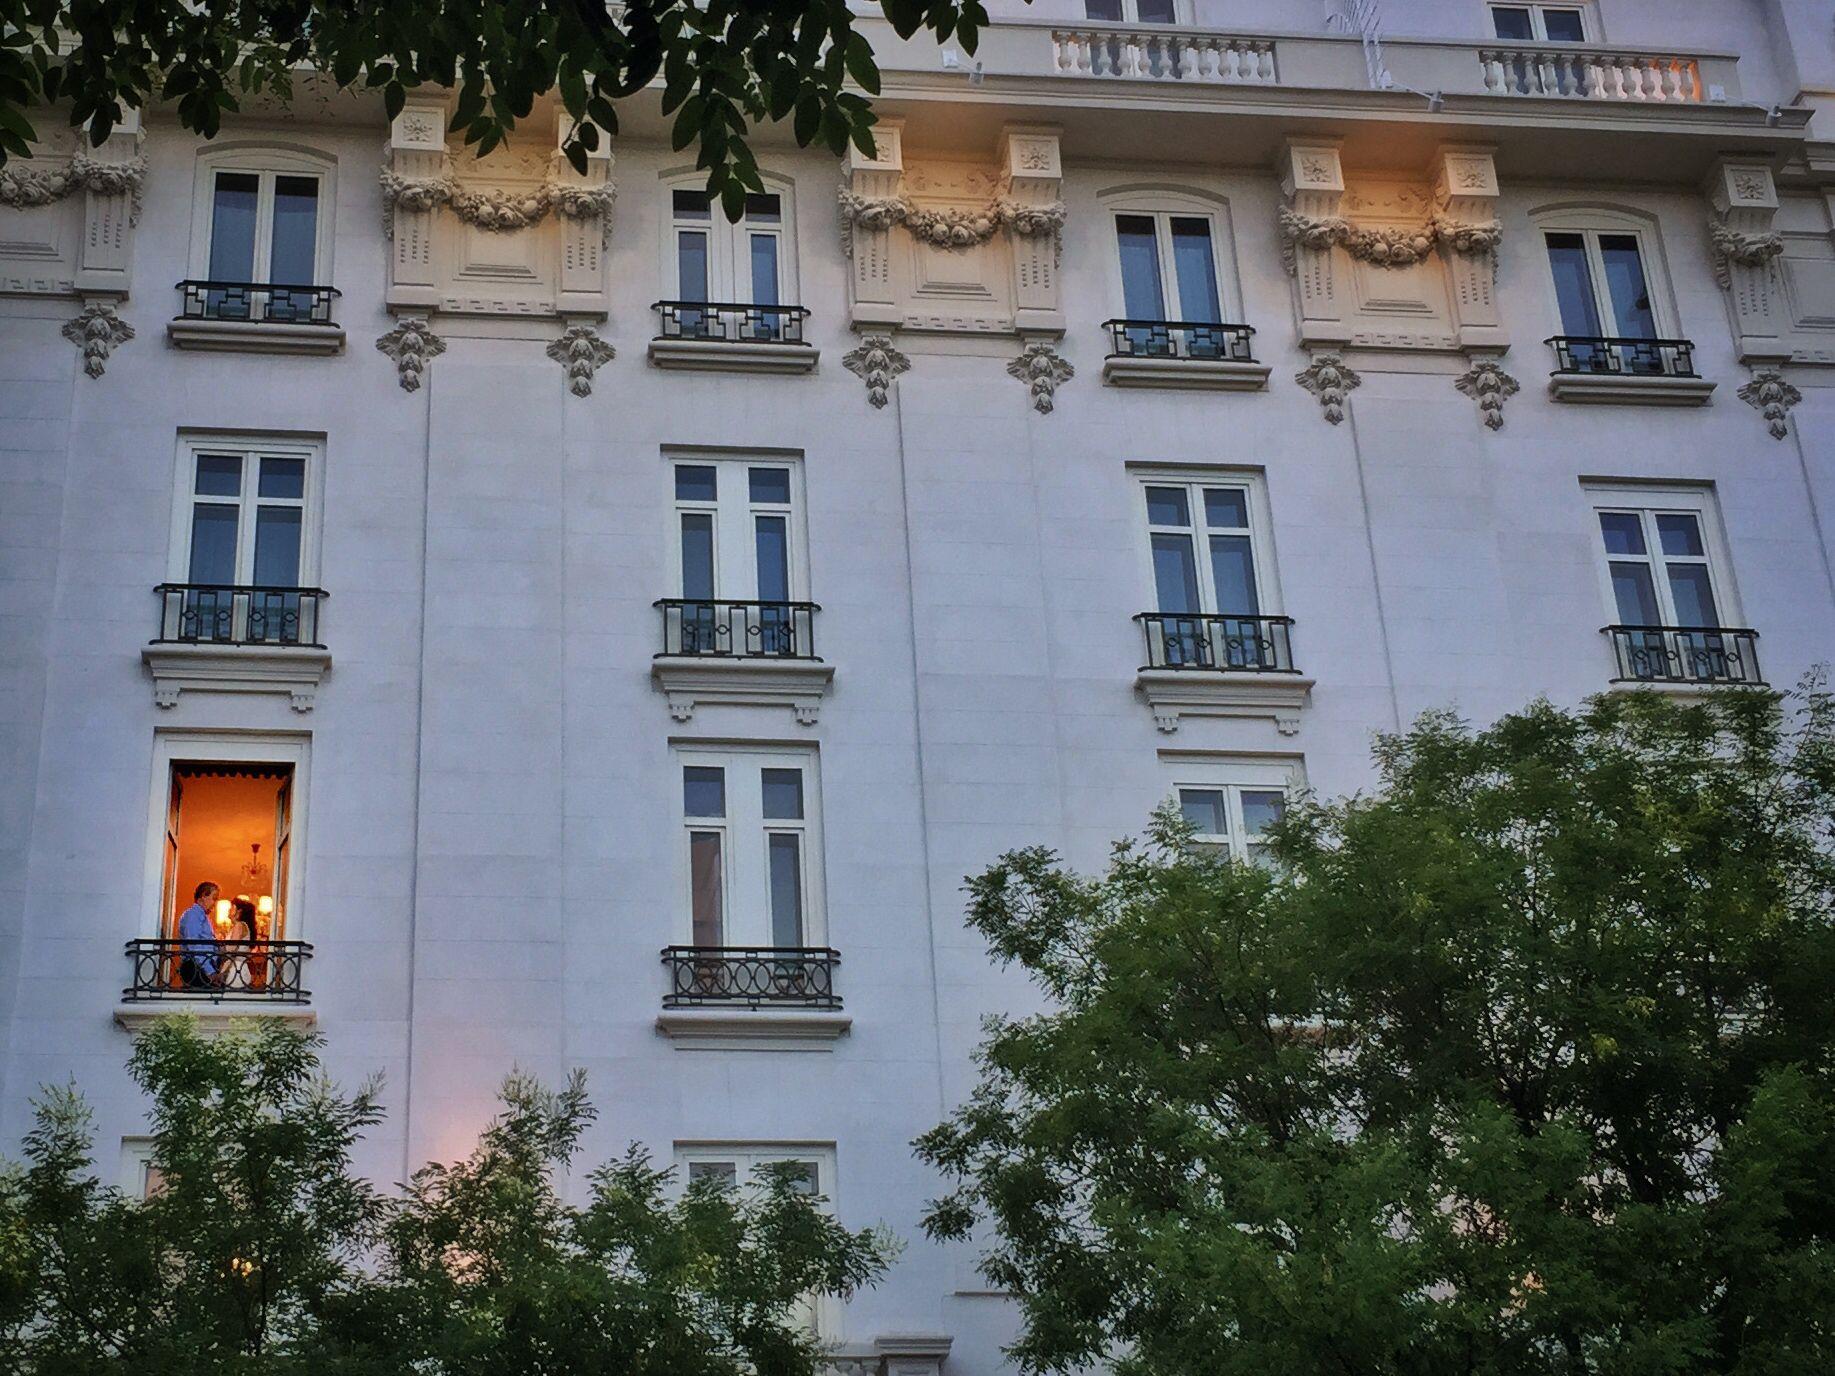 """Día 236: """"de #boda en el hotel #Ritz de #Madrid"""" #proyecto365 días, solo fotos con #Iphone6plus www.miguelonievafotografo.com"""